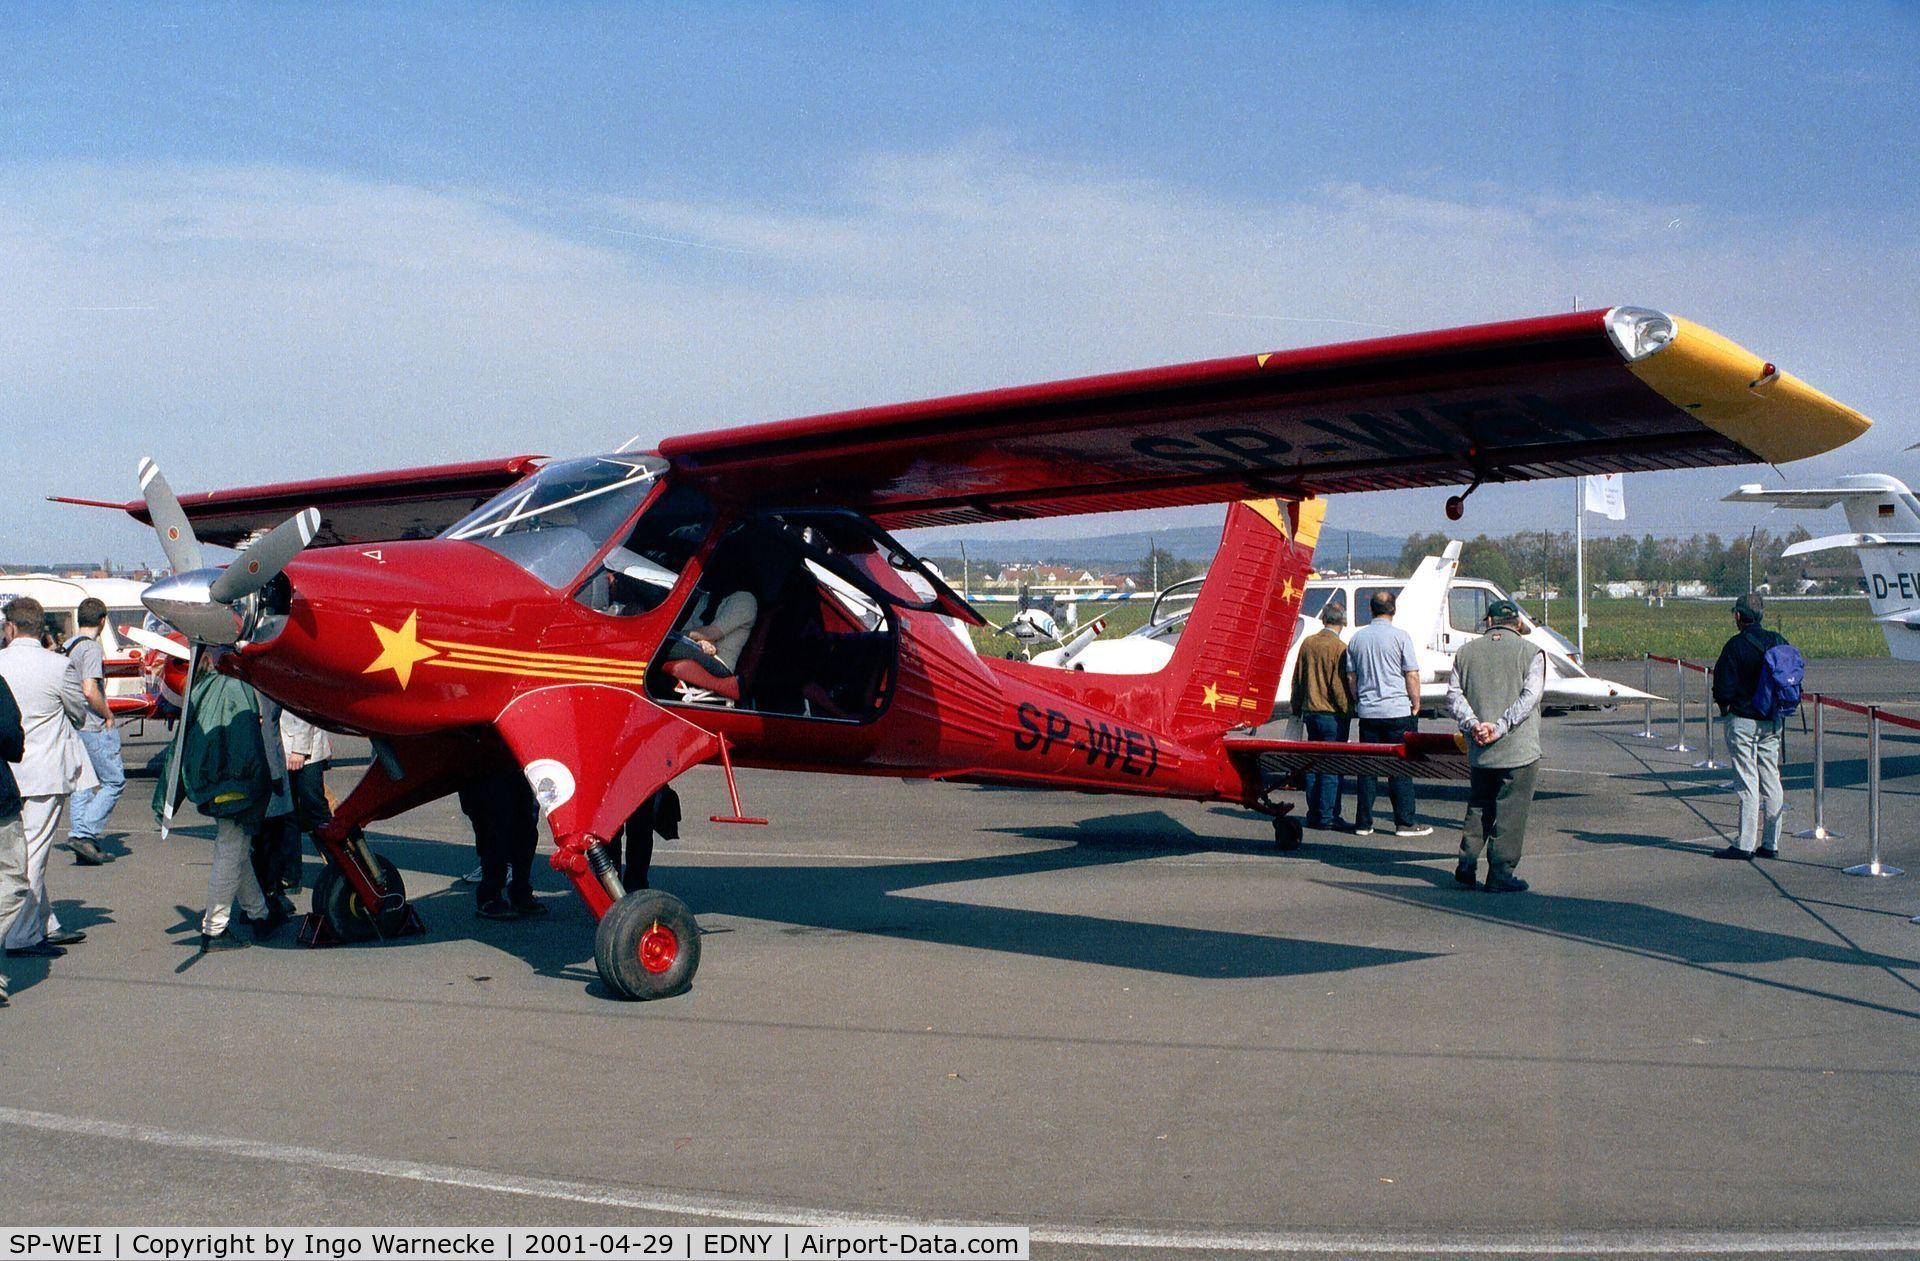 Aircraft SP-WEI (2001 PZL-Okecie PZL-104M Wilga 2000 C/N